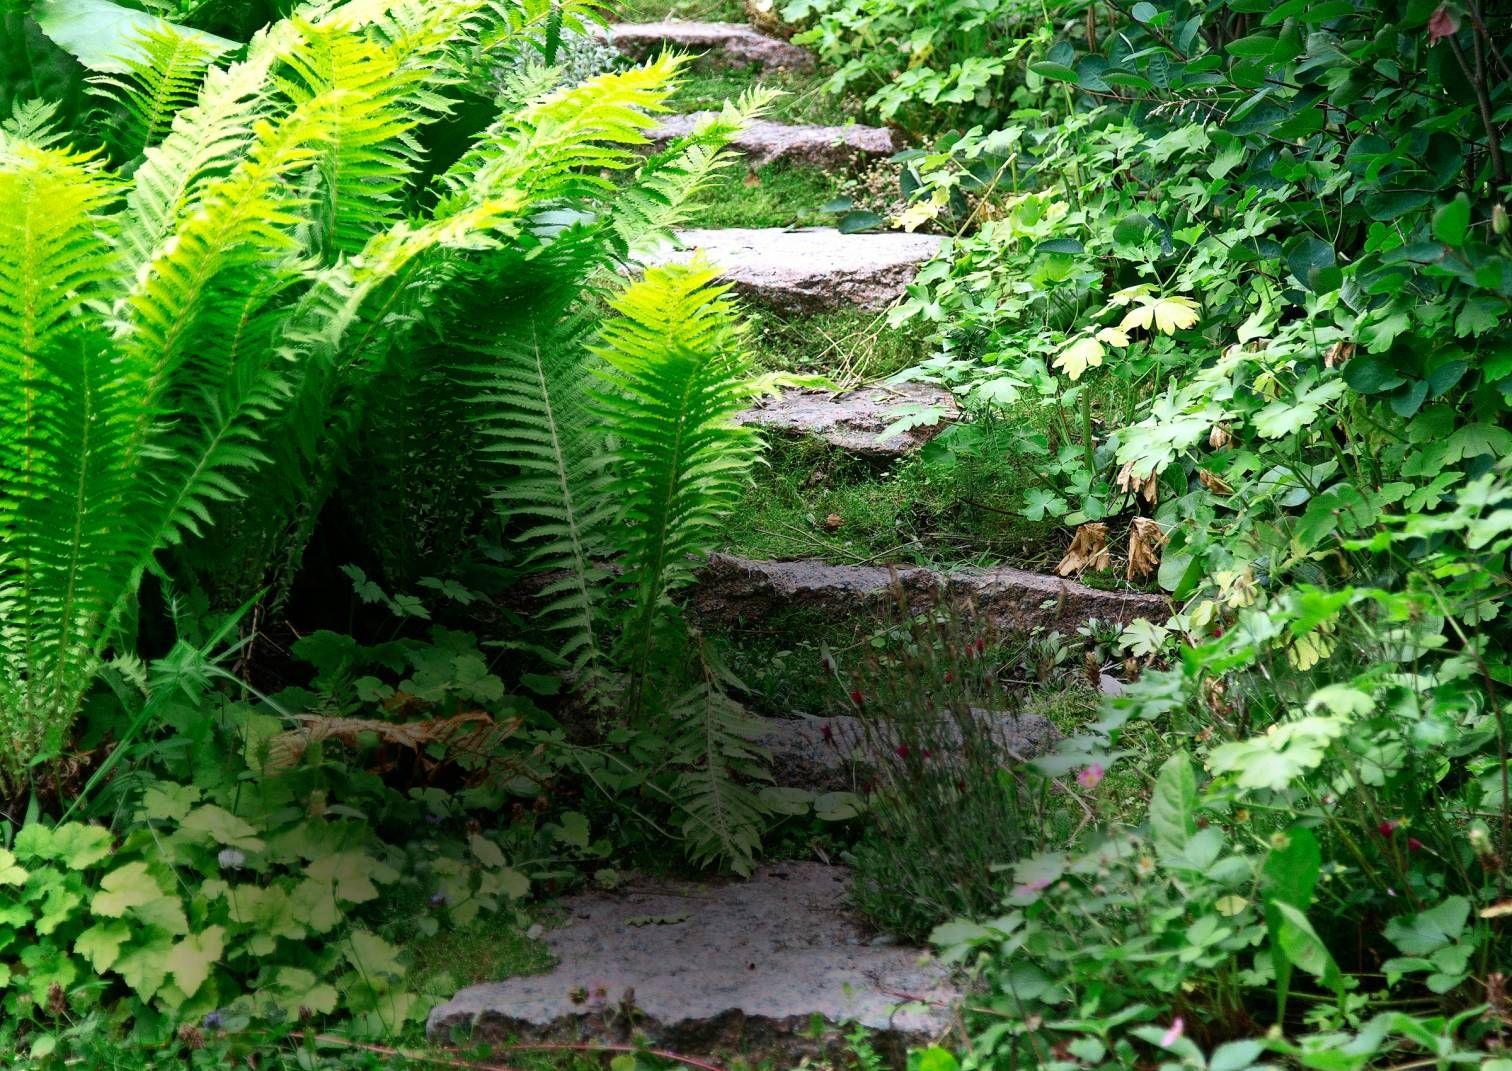 Harmoninen metsäpuutarha syntyy tontin ja ympäristön henkeä vahvistaen ja mukaillen. Katso Meidän talon vinkit.